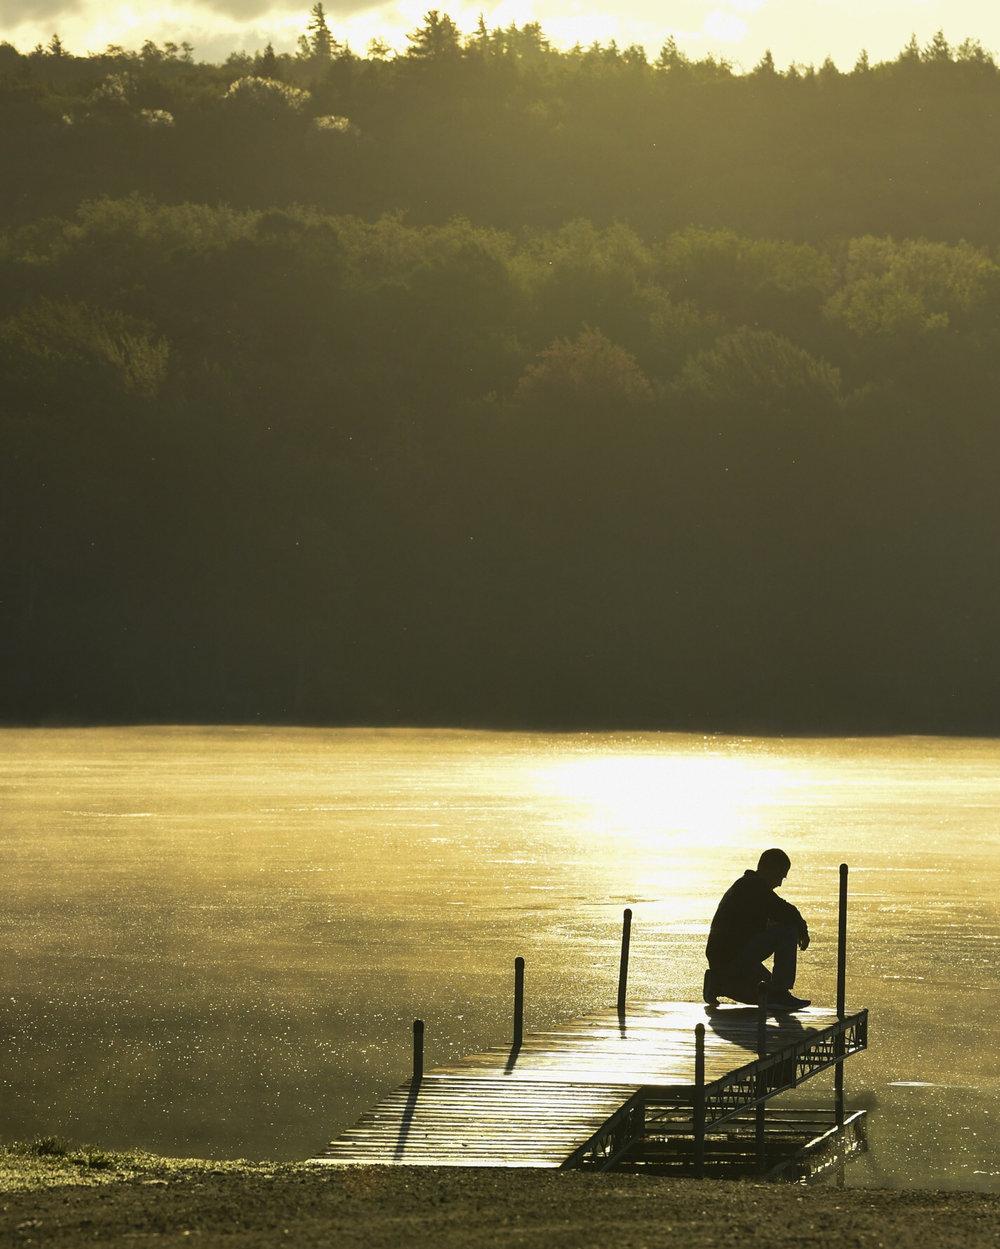 Lake Iroquois, Vermont